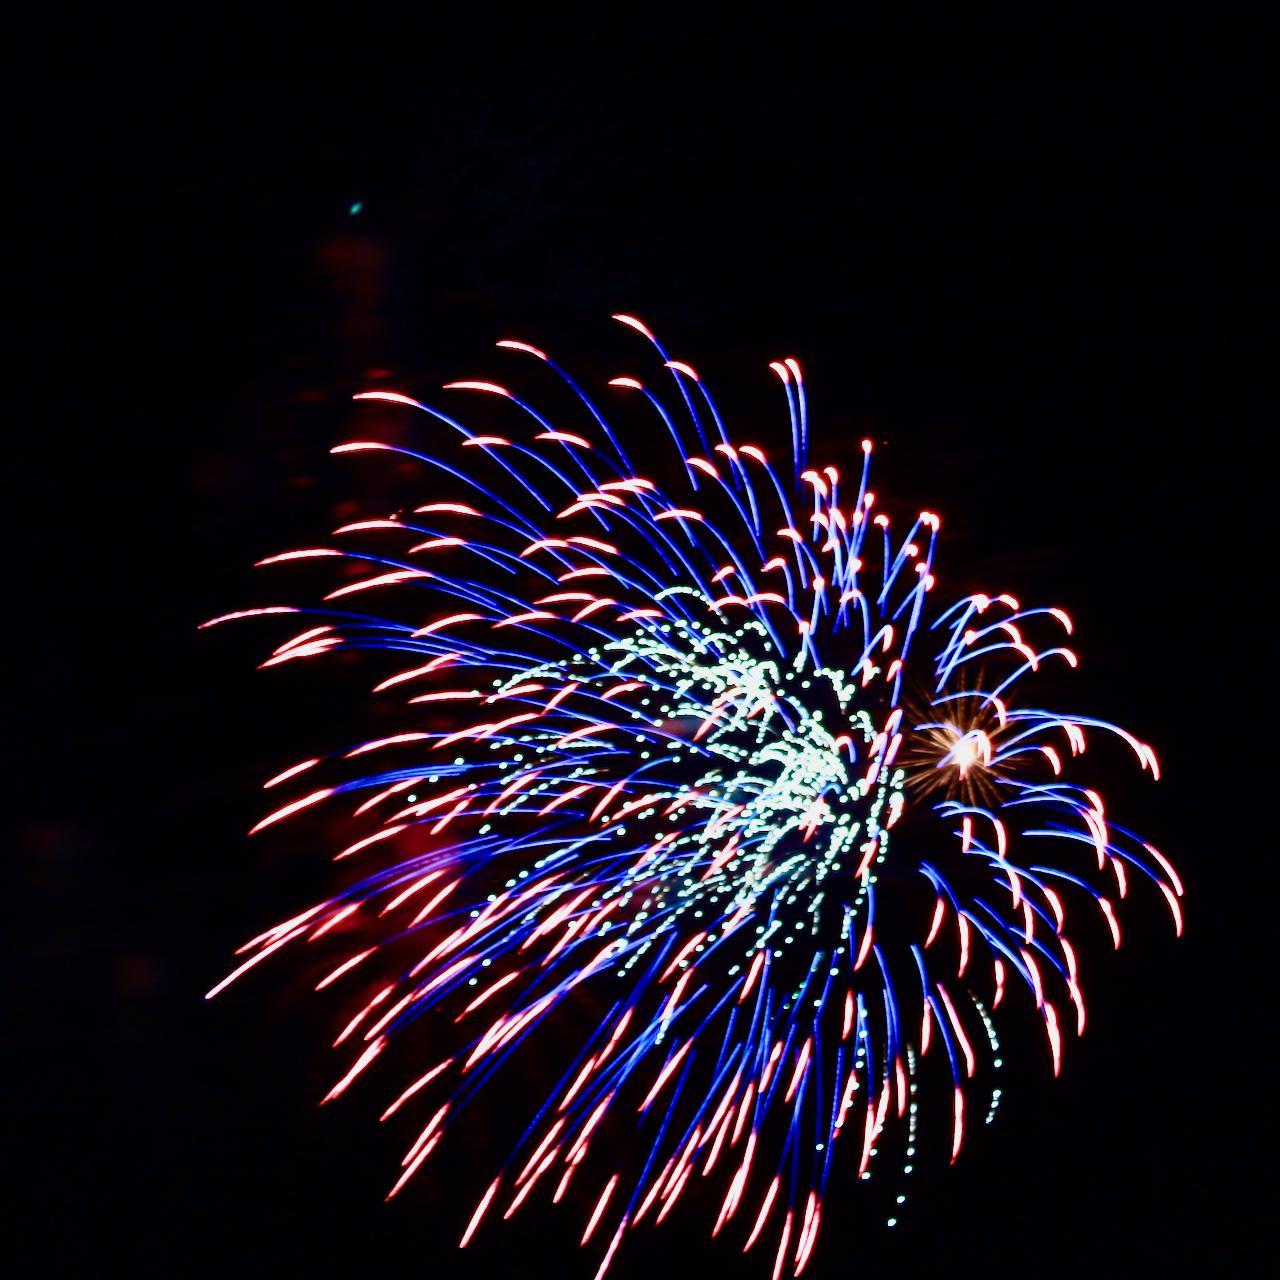 Fireworks, Vol. 1